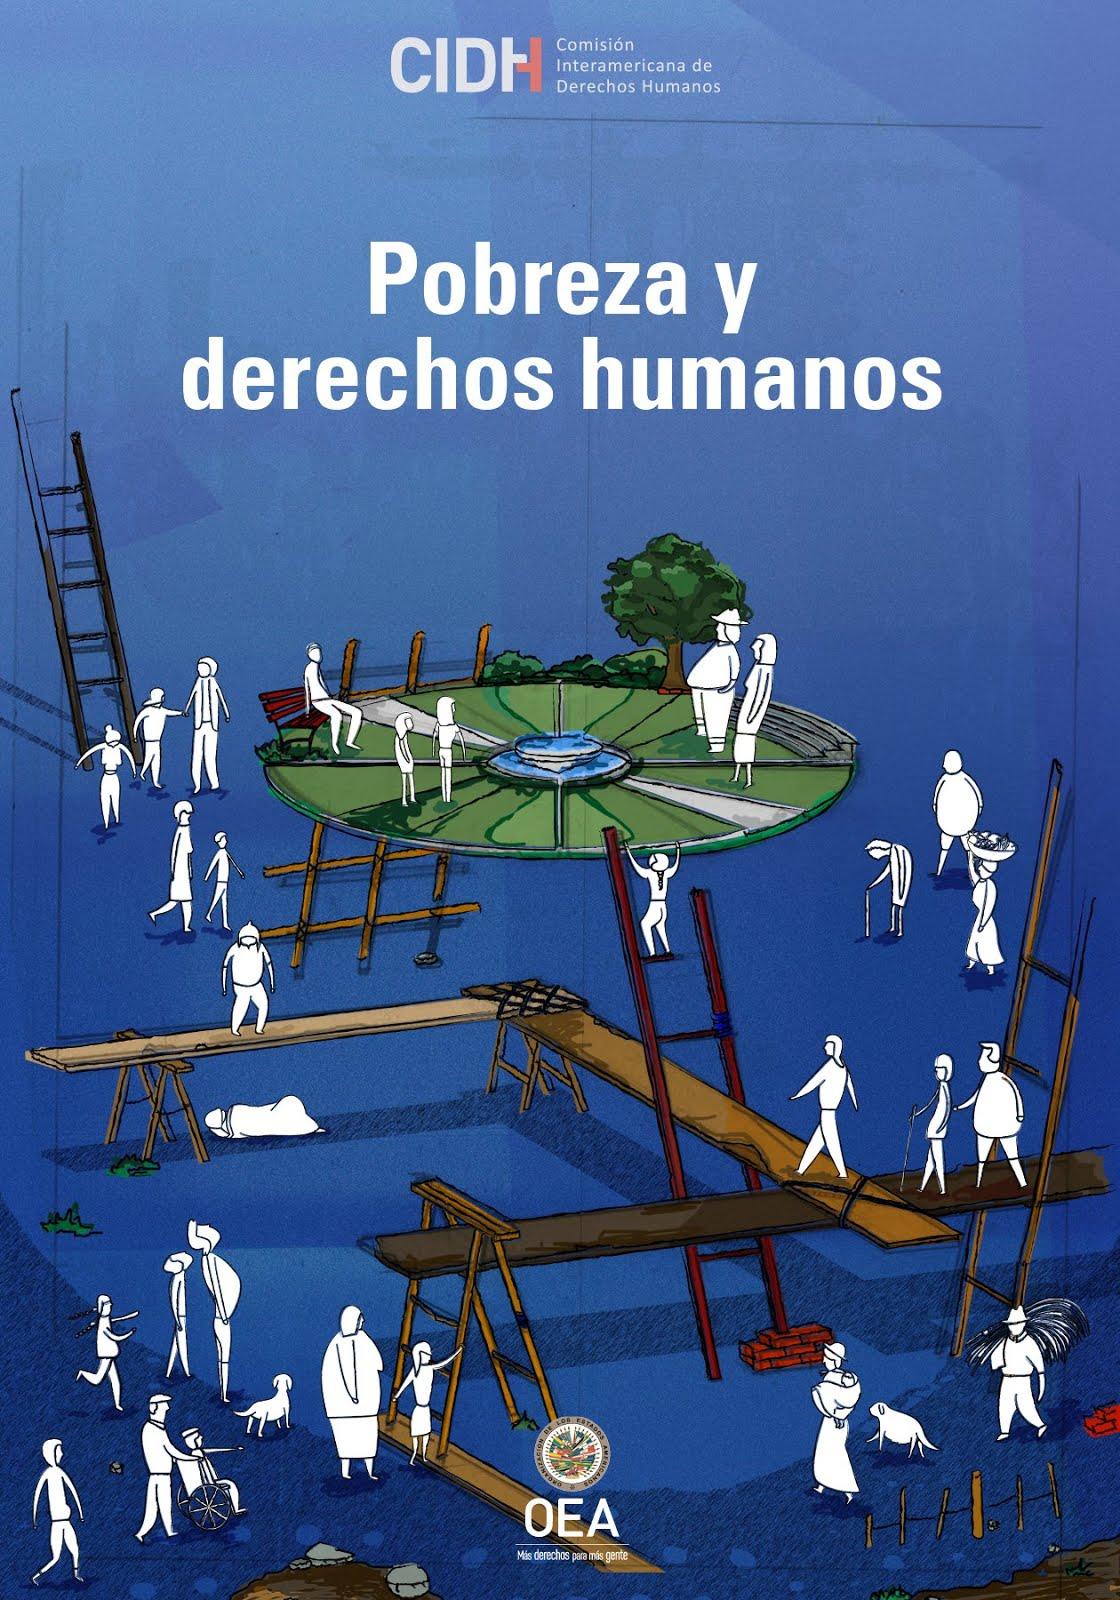 CIDHI: Informe sobre pobreza y derechos humanos.